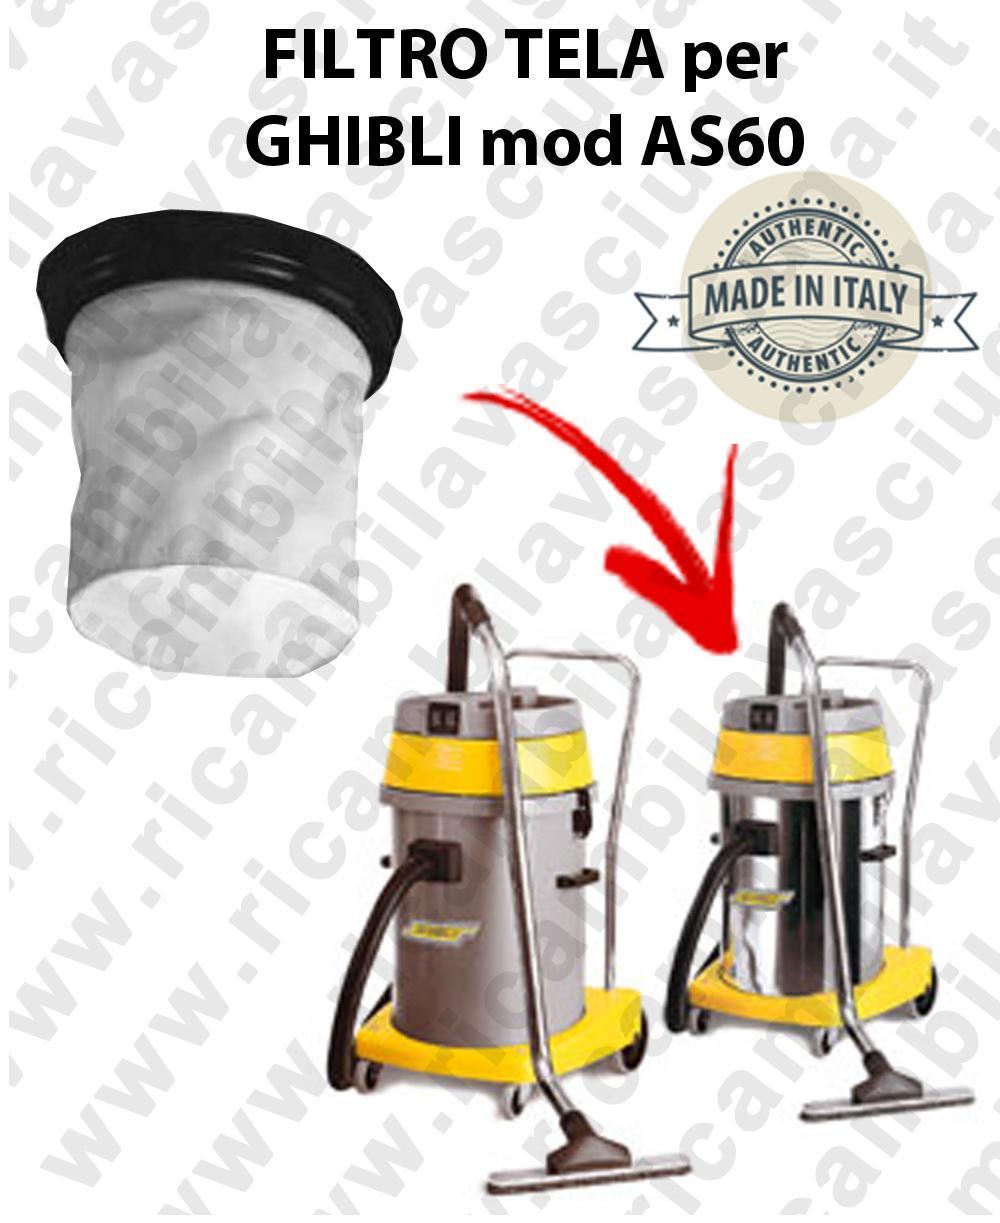 Filtro de tela para aspiradora GHIBLI modelo AS 60